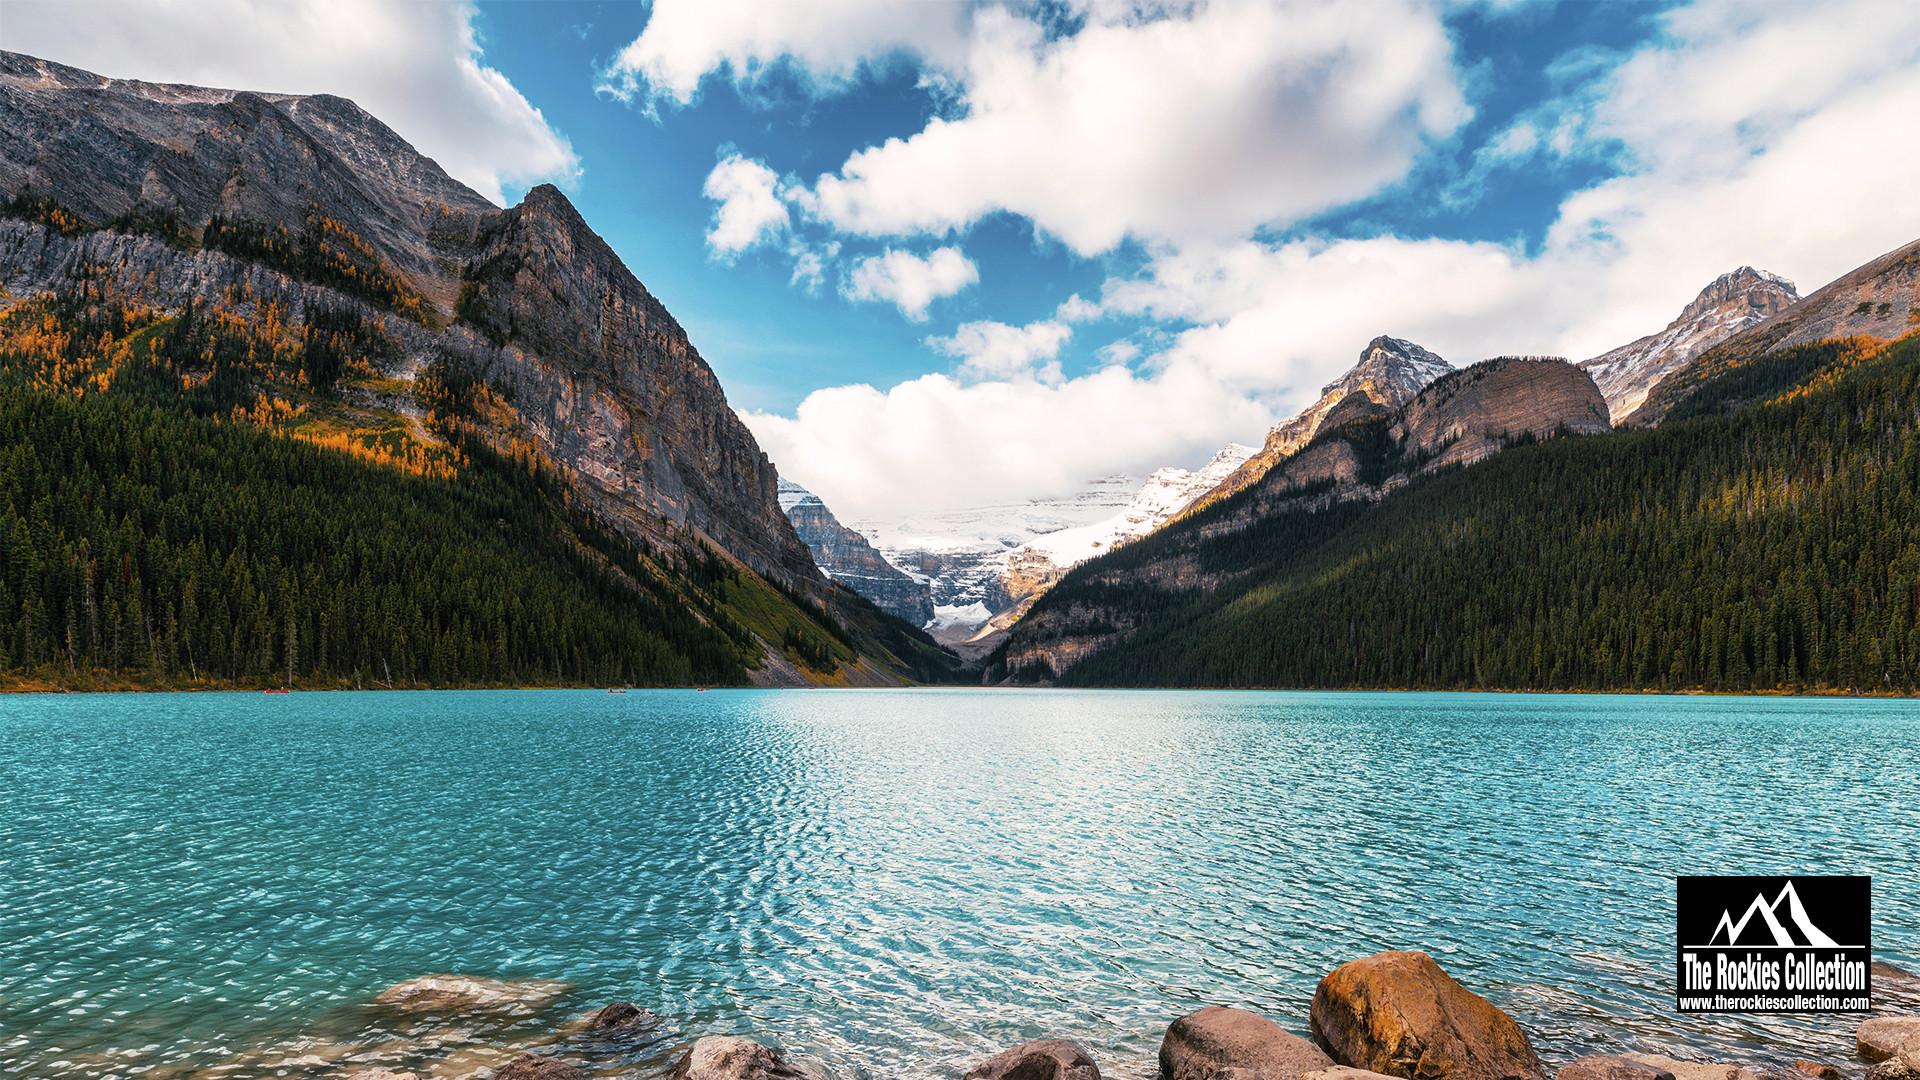 LAKE LOUISE - BANFF CANADIAN ROCKIES